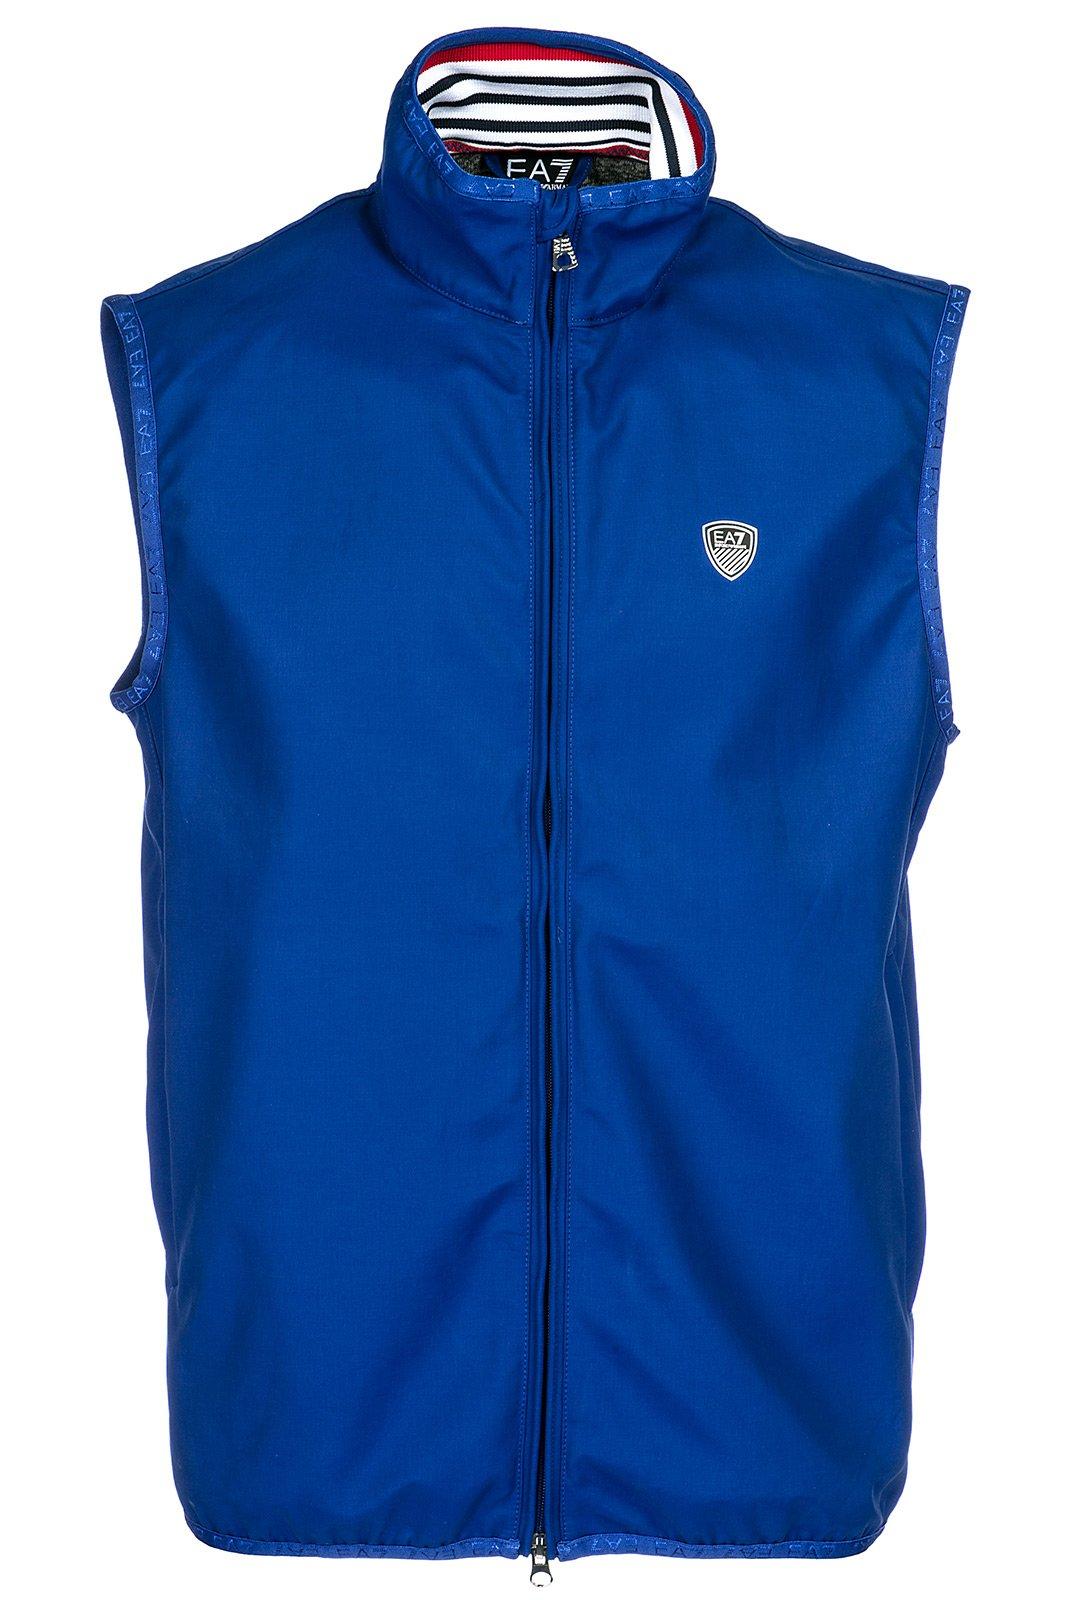 Emporio Armani EA7 Men's Sweater Waistcoat Vest blu US Size M (US M) 3ZPQ06PNF2Z1570